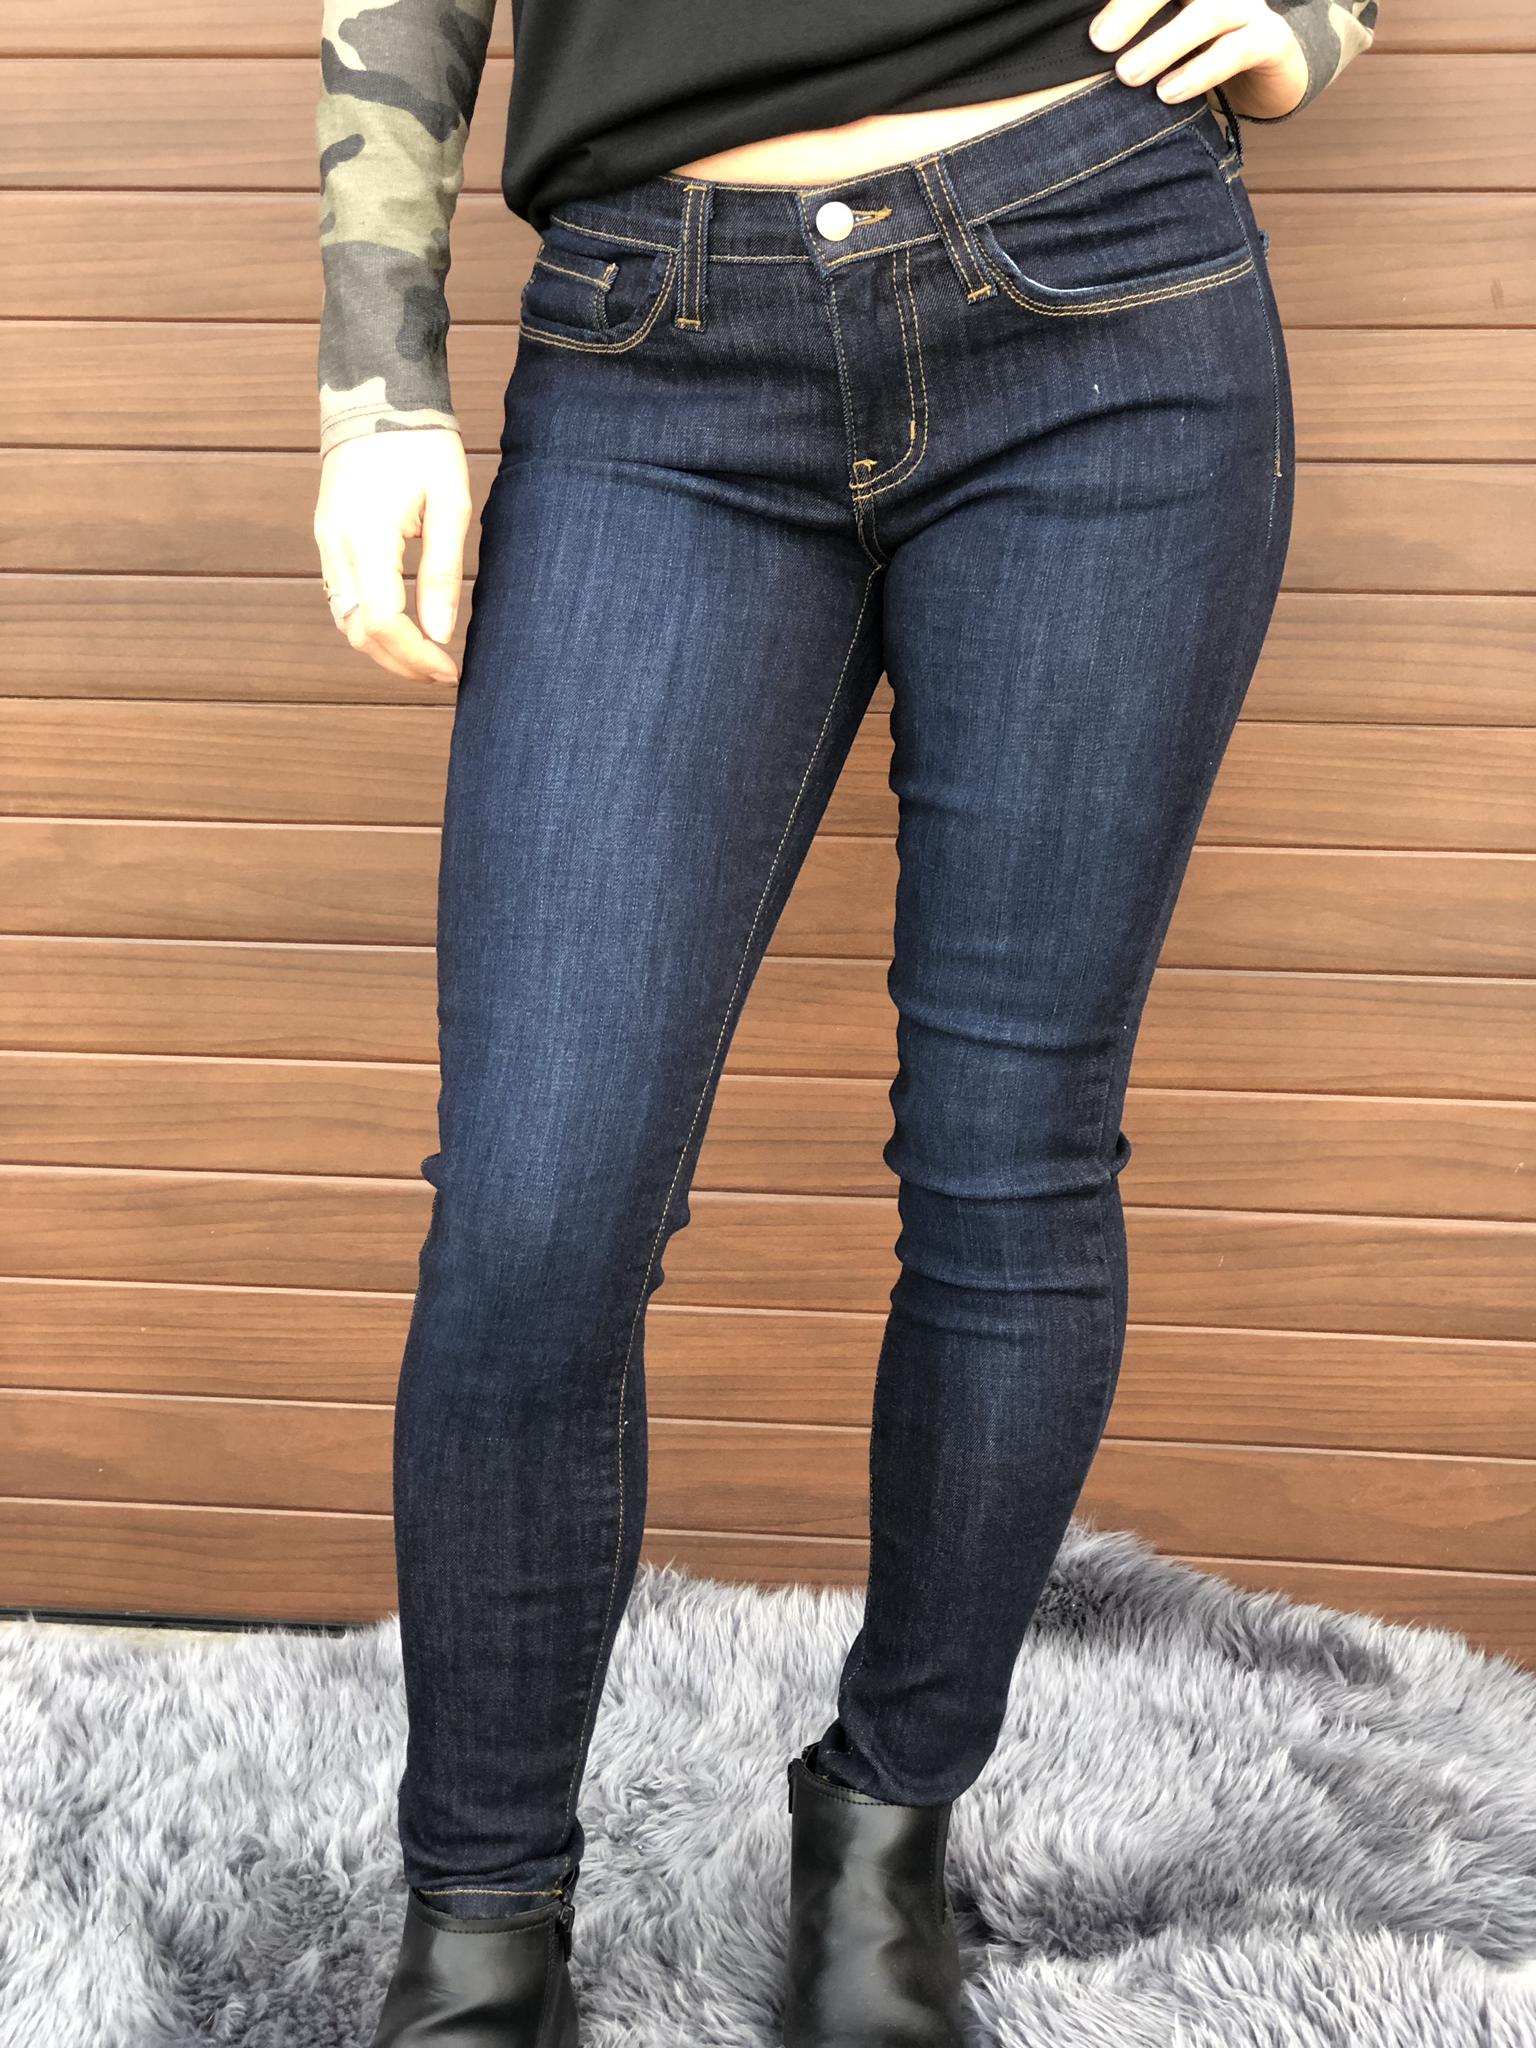 Judy Blue Classic Mid Rise Dark Skinny Jean - Restocked 1544